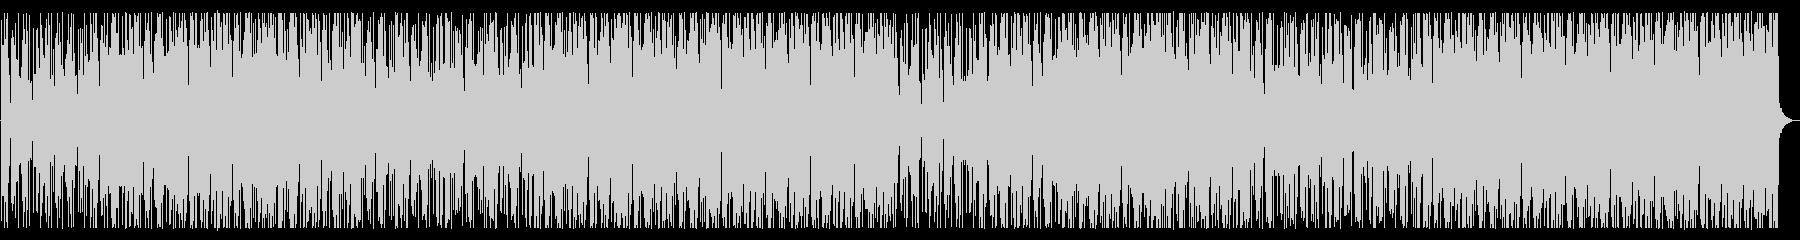 大人/バー/クール_No438の未再生の波形